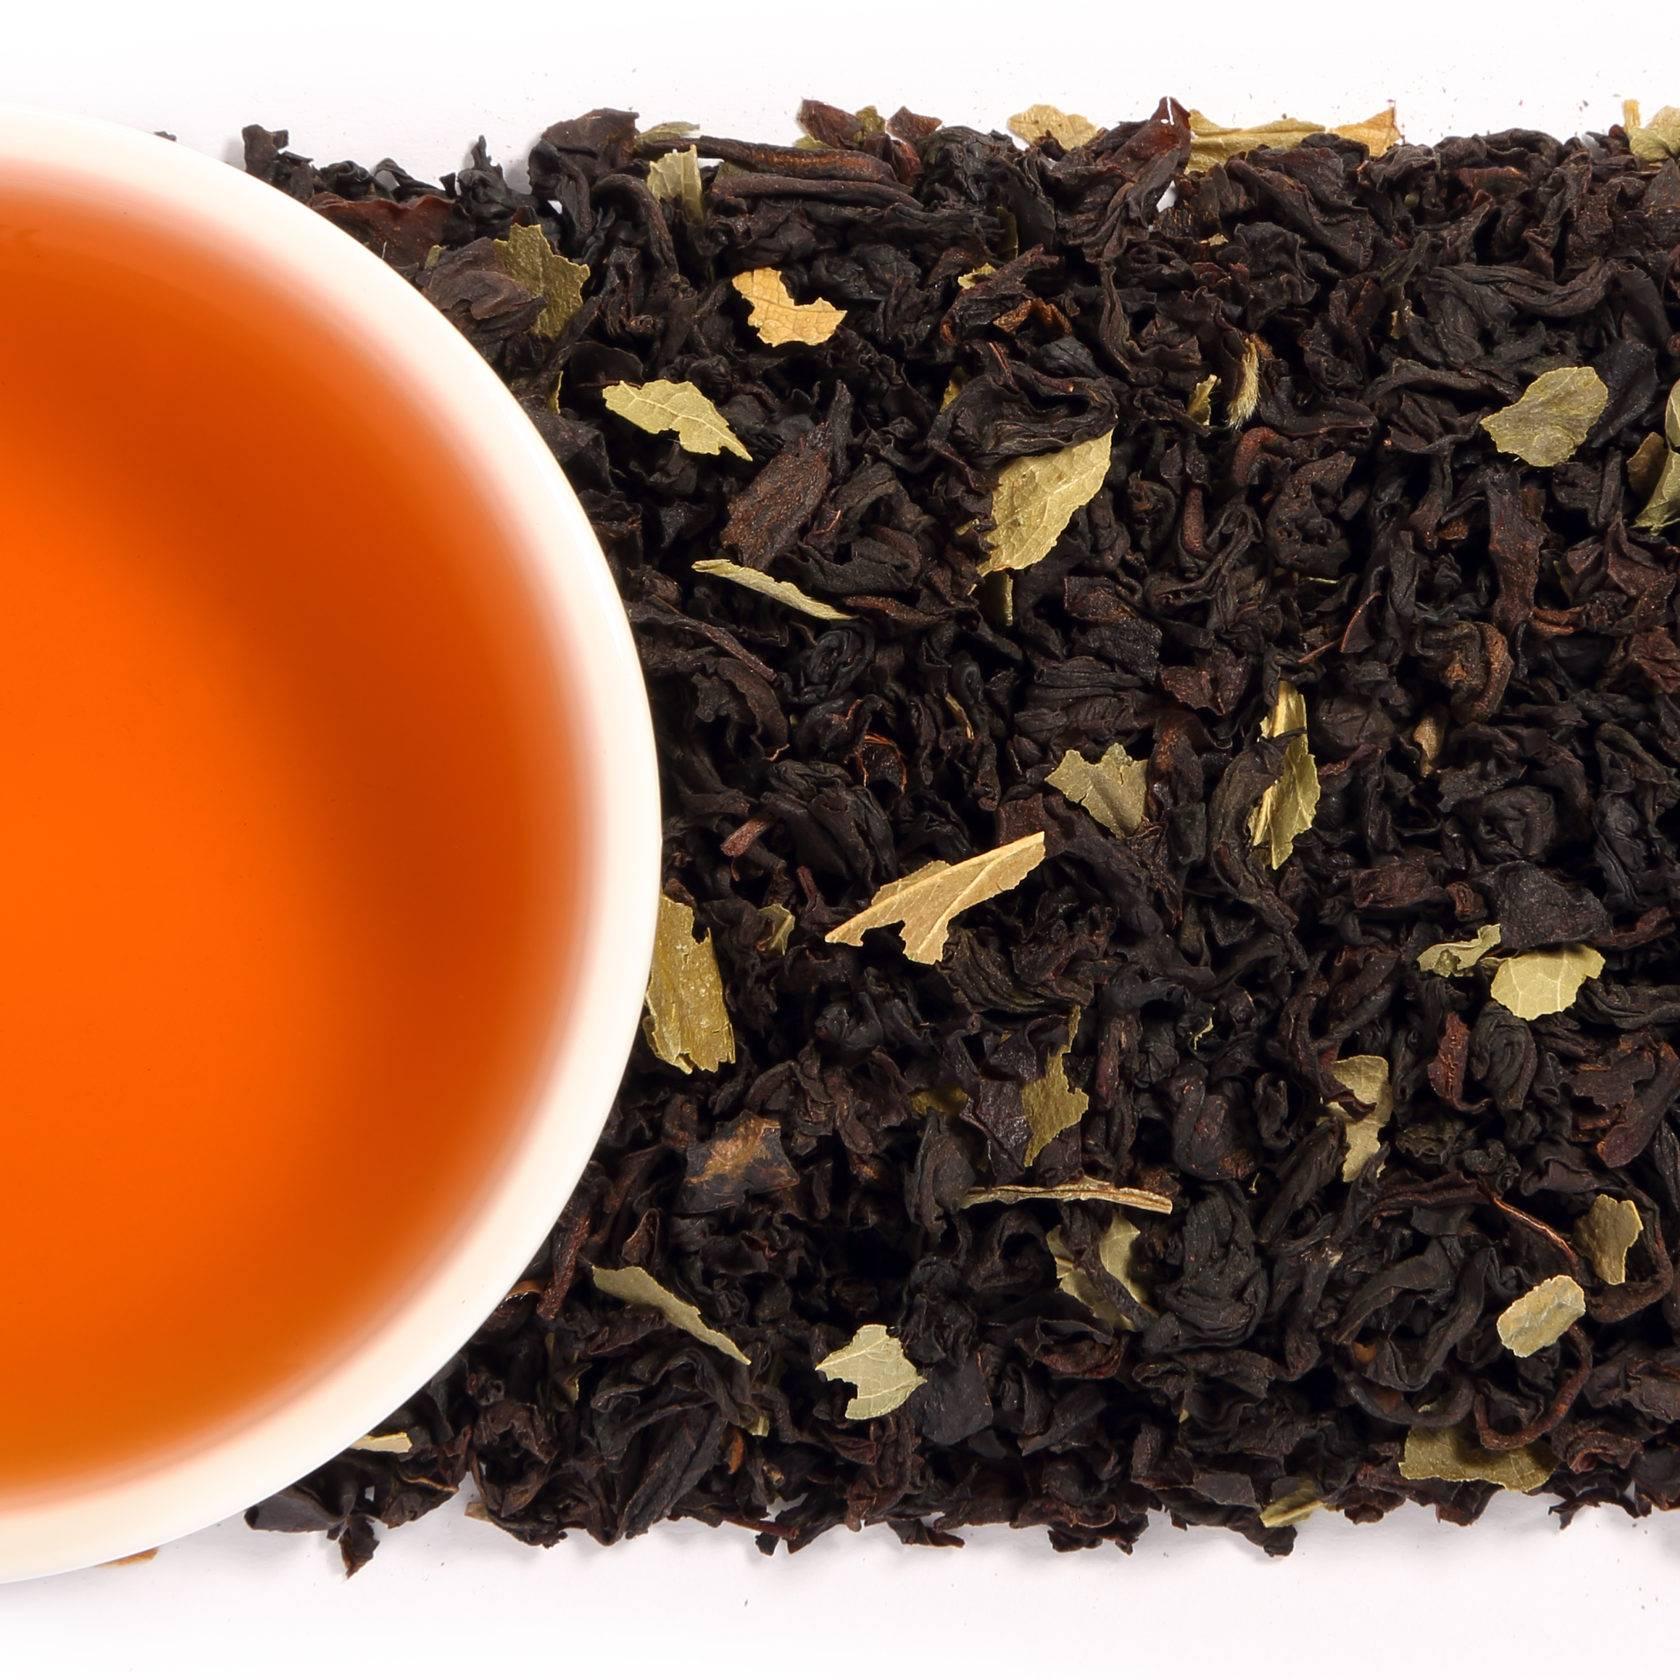 Чай с бергамотом: полезные свойства и противопоказания